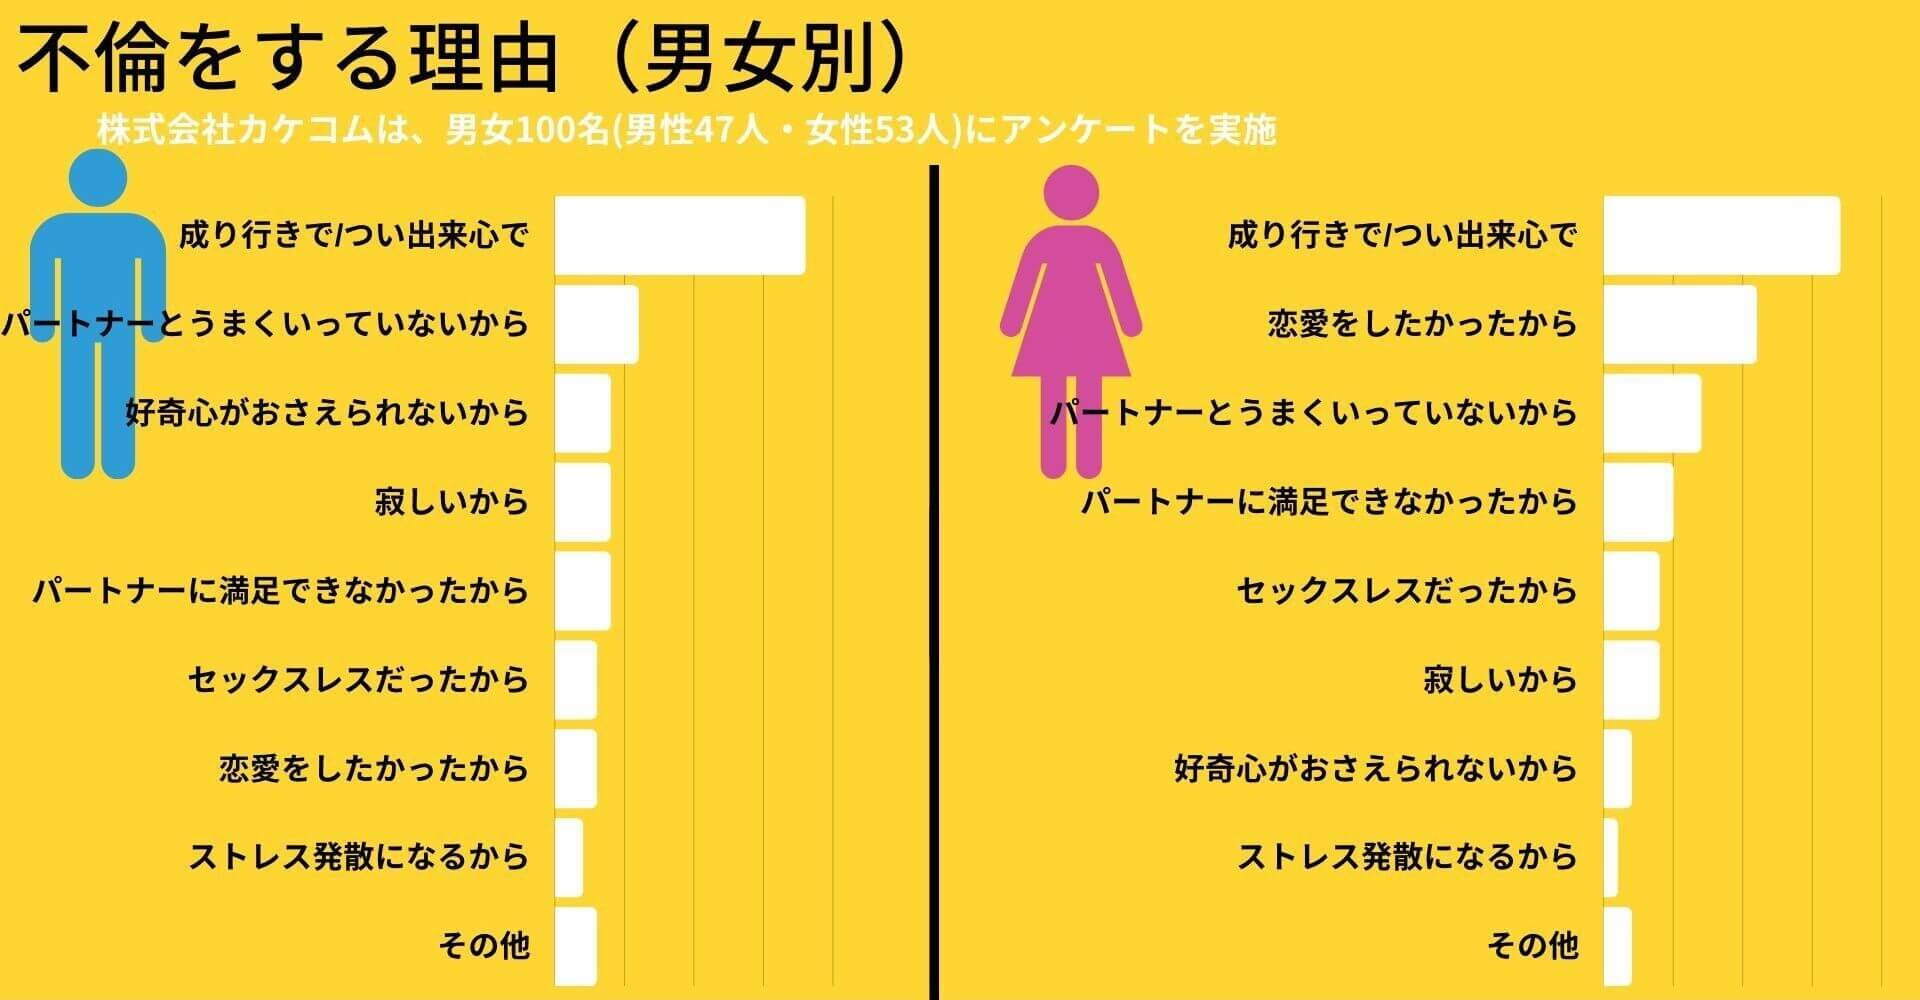 不倫する理由のアンケート結果(男女別)